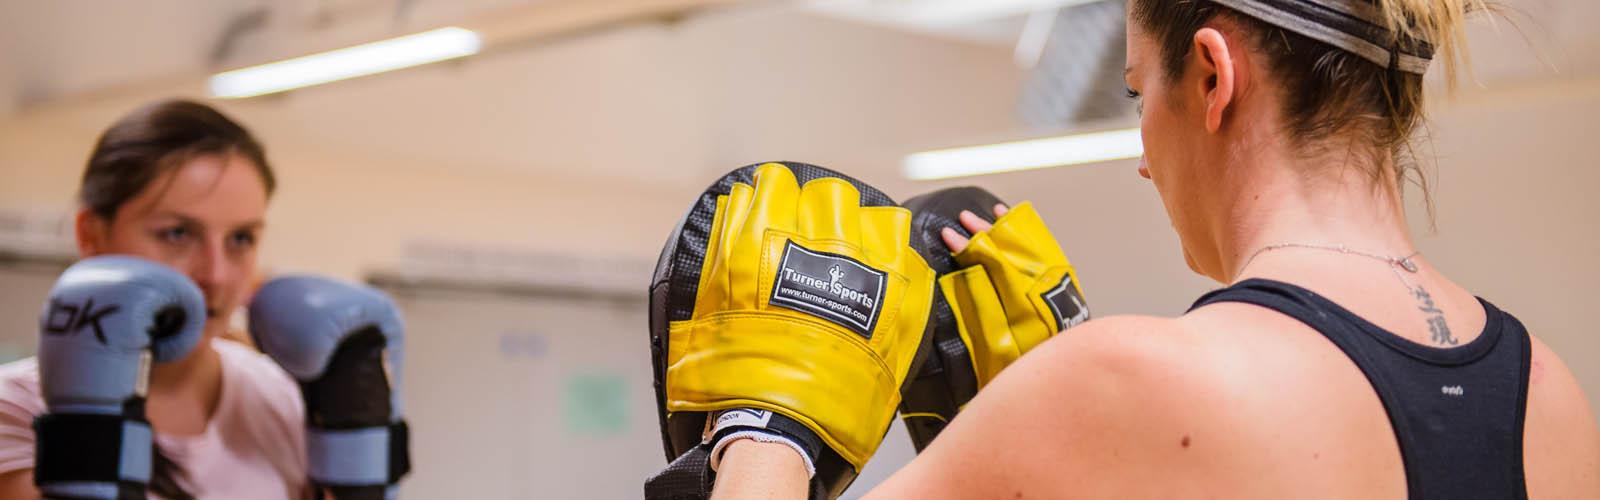 slider-boxing-new1